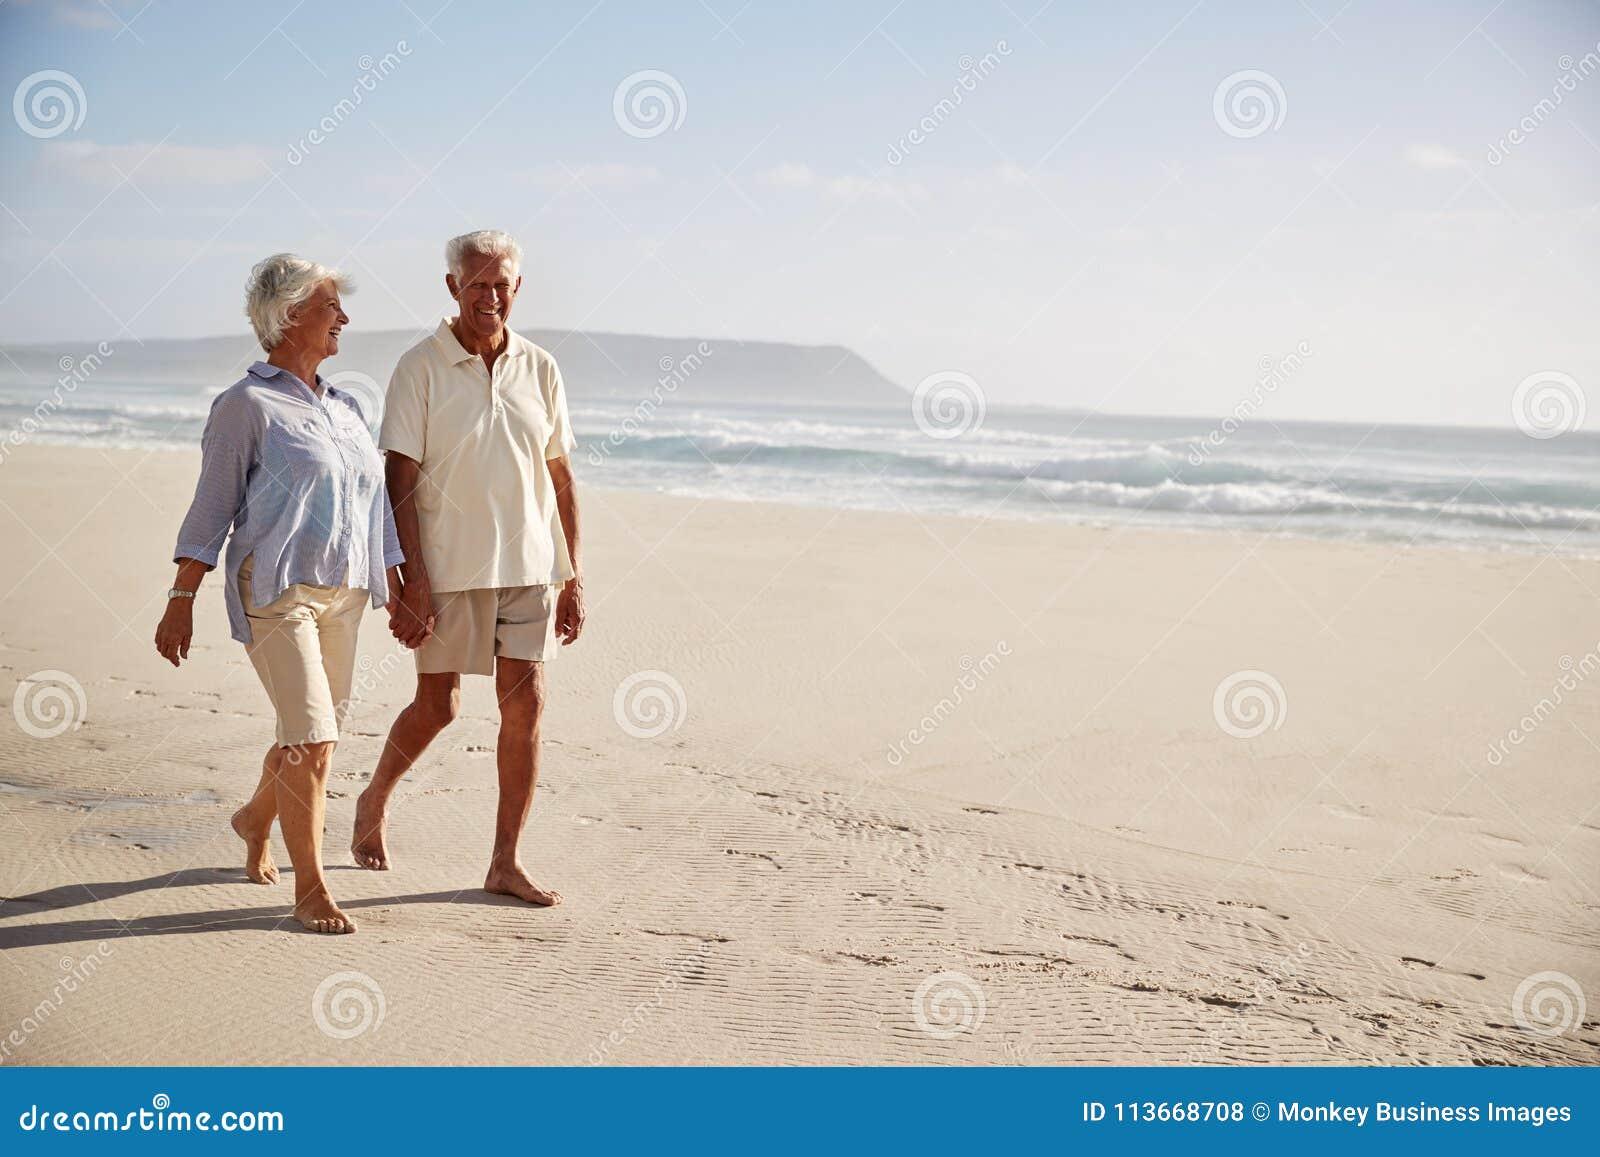 Pensionären avgick par som promenerar strandhanden - in - handen tillsammans